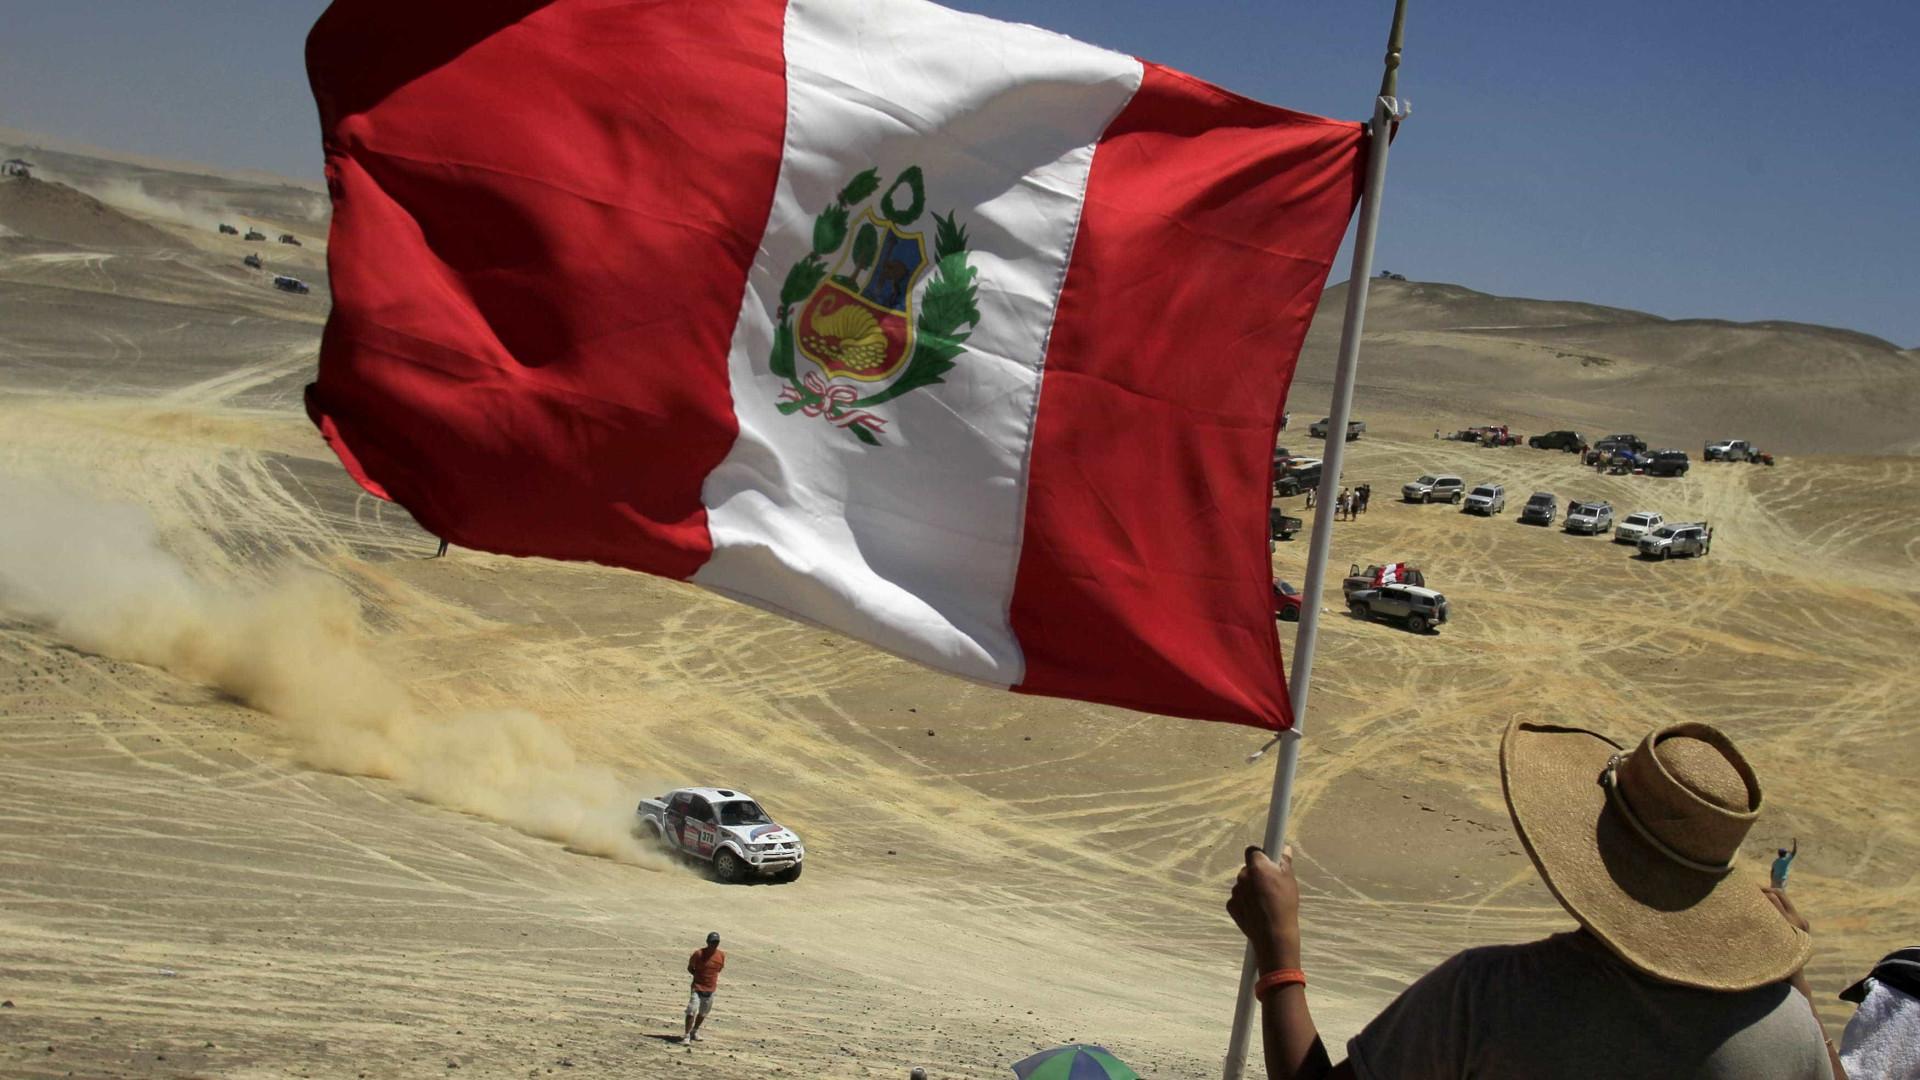 Peruanos na capital contra corrupção e em defesa da democracia